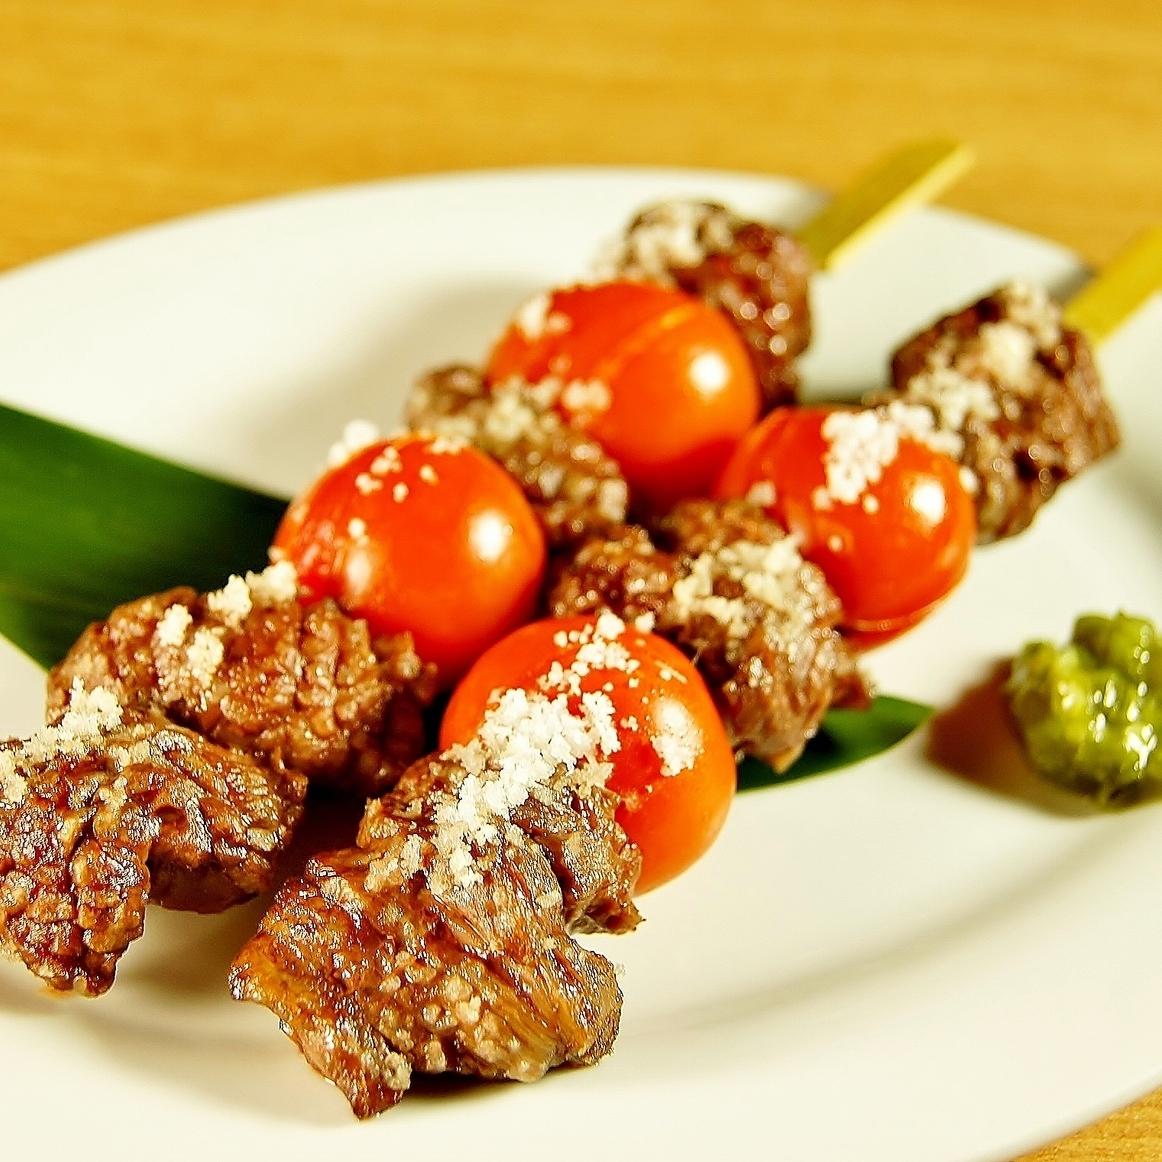 仙台日本牛肉和番茄串(2串)